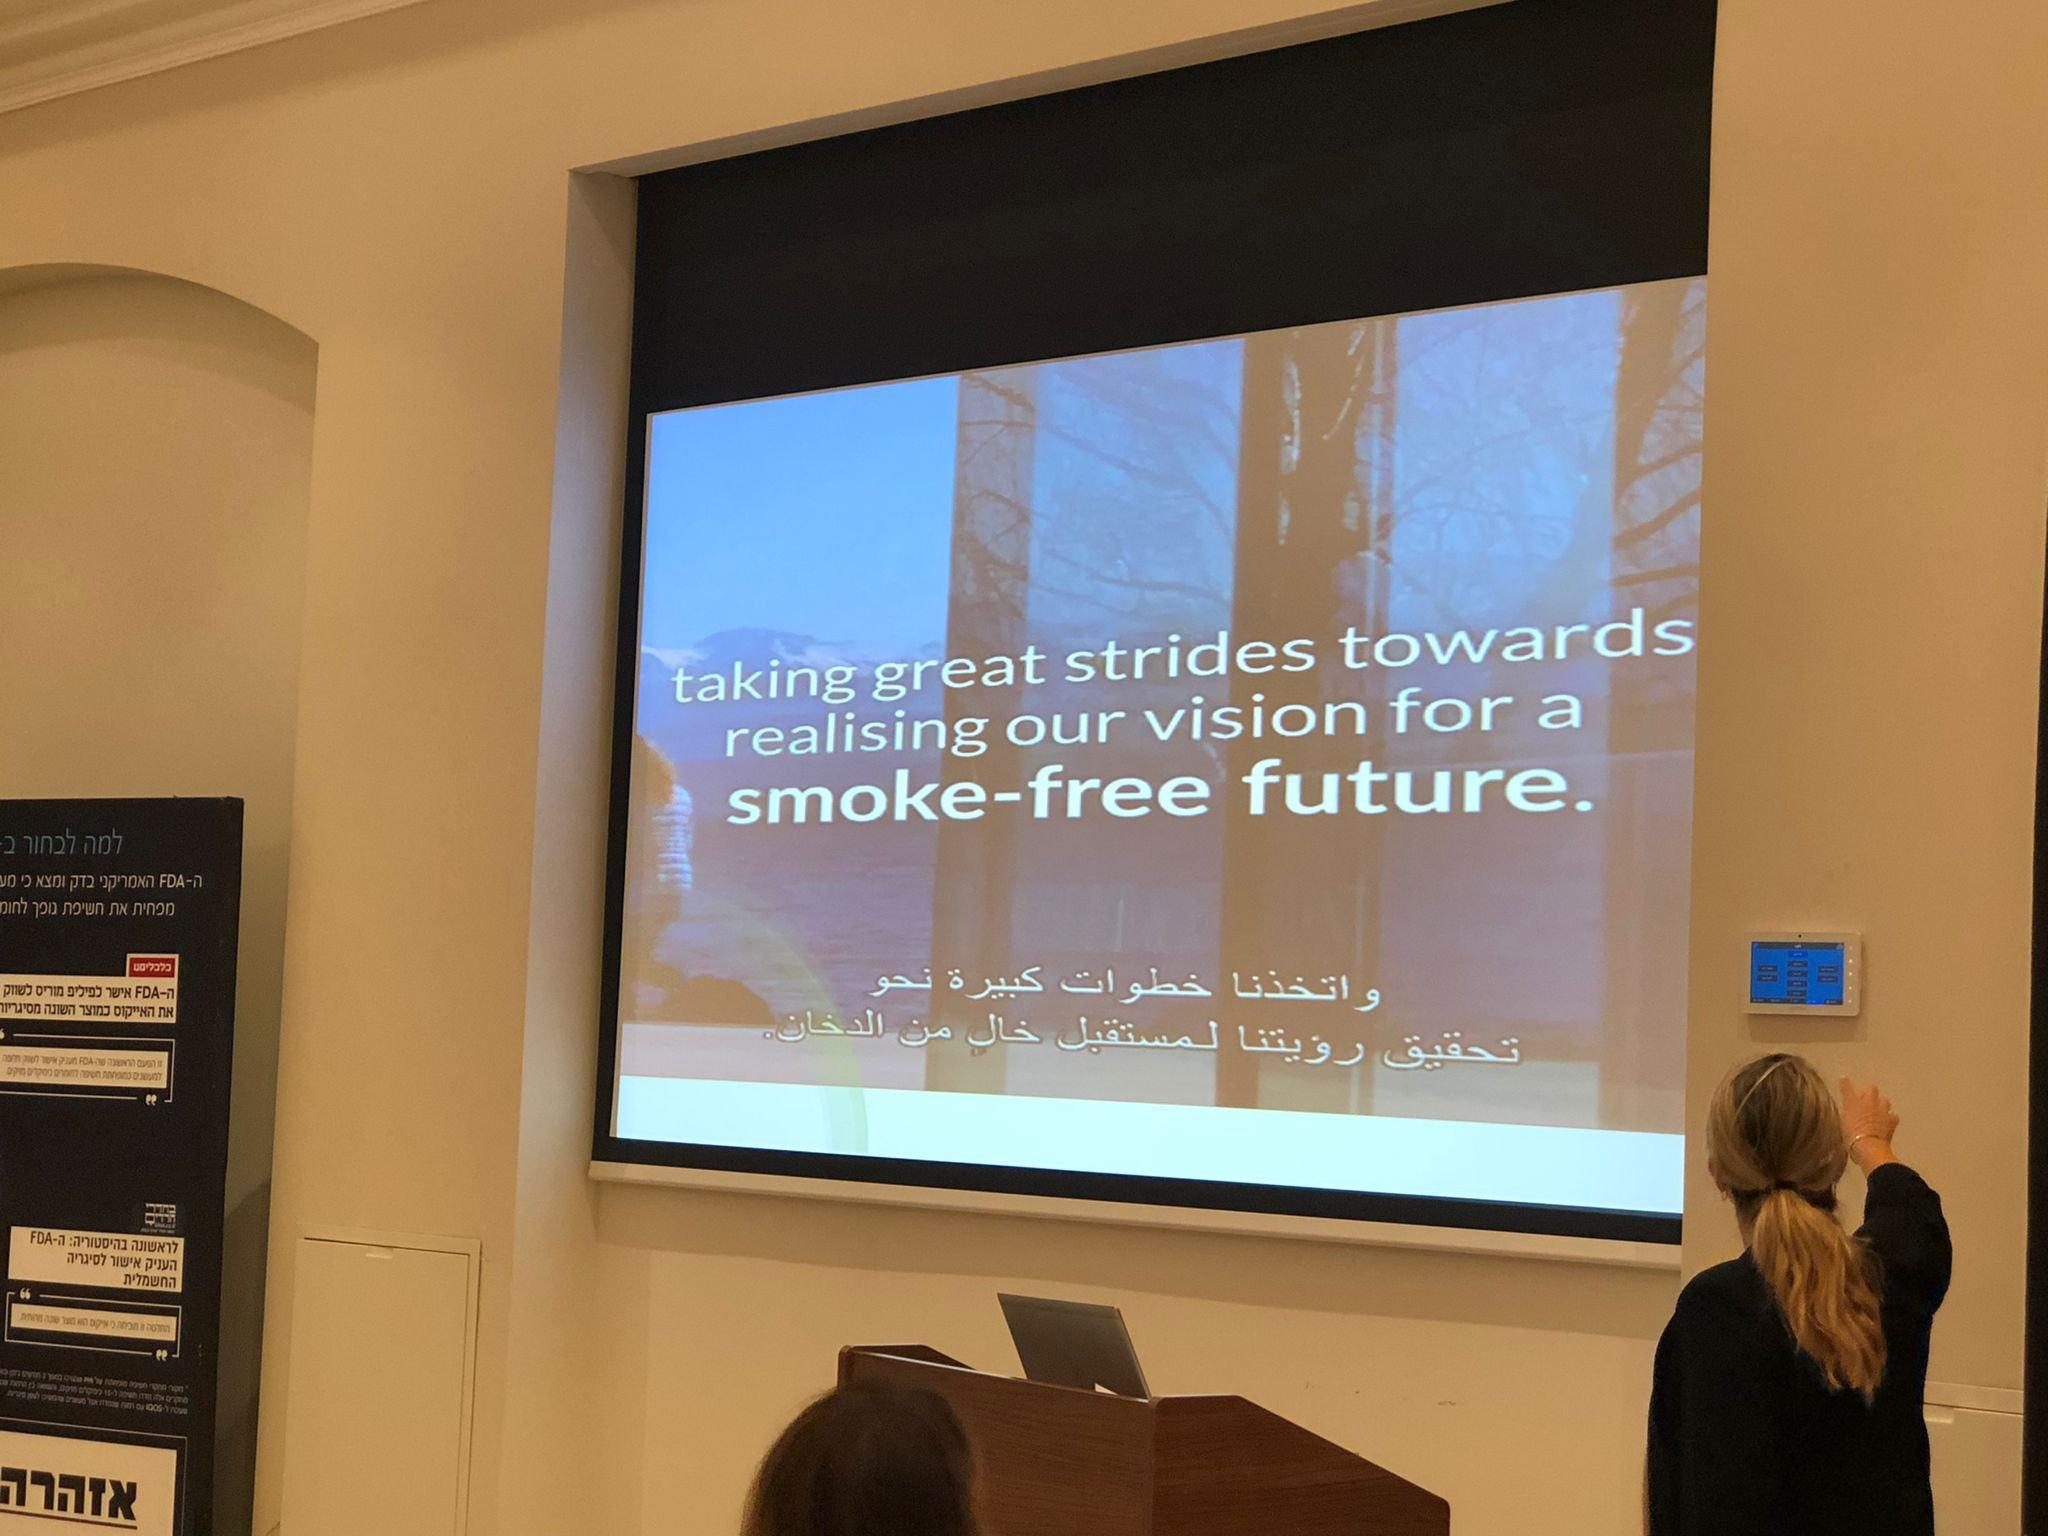 """رؤية شركة """"فيليب موريس"""" نحو """"مستقبل خالٍ من الدخان"""" في المجتمع العربي-17"""